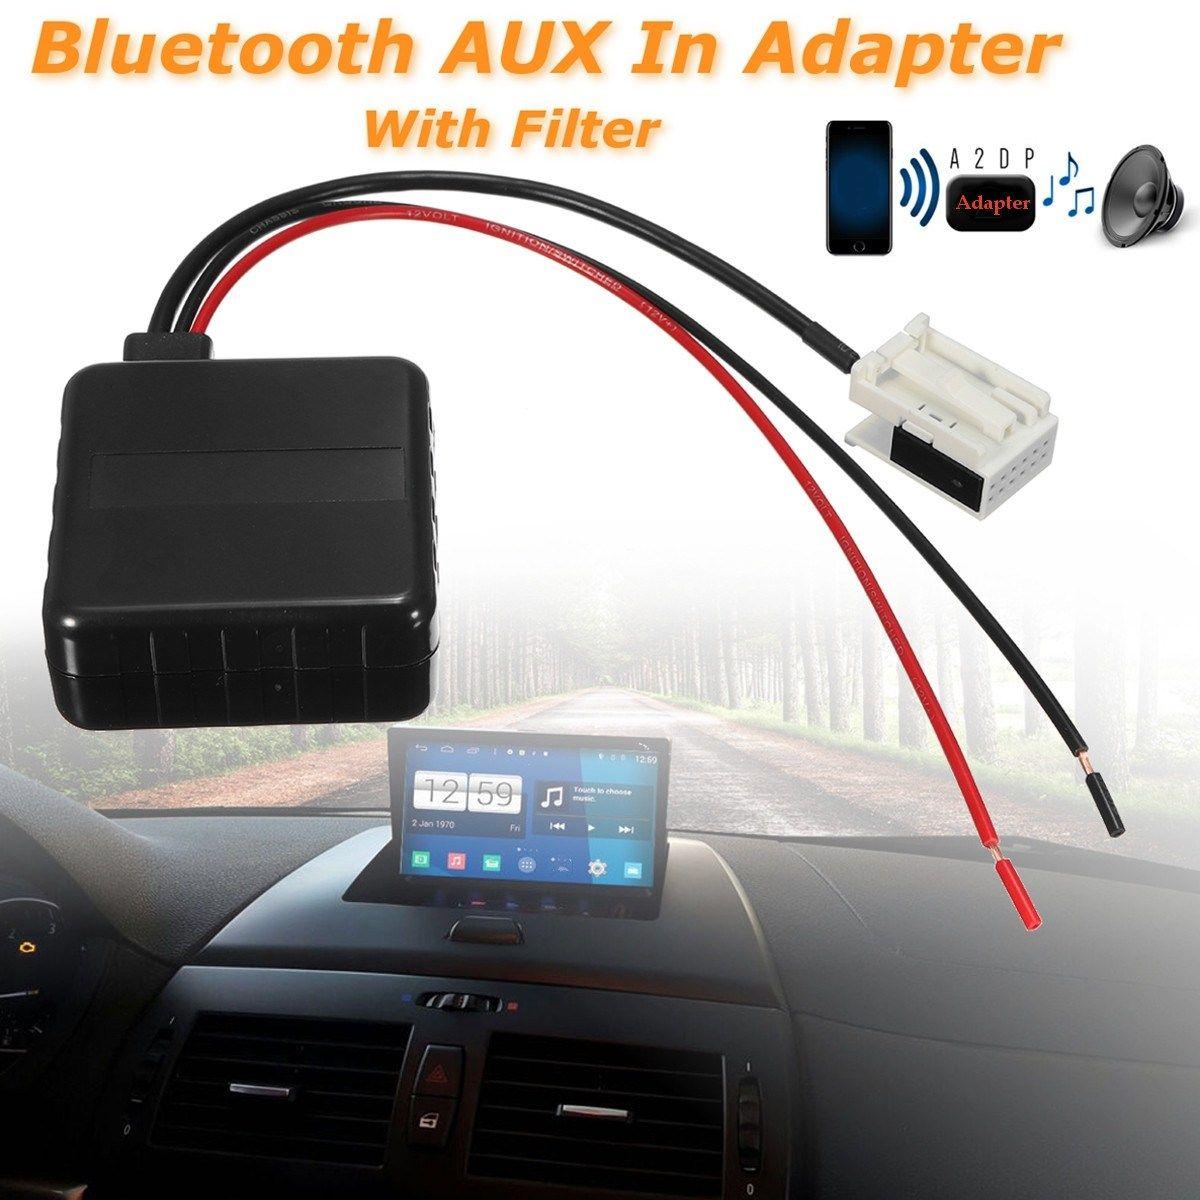 12 Pins Car Bluetooth Aux Adapter Radio Speaker With Filter For BMW E60 E61 E63 E64 E83 X3 Z4 2002-2006 2007 2008 2009 2010